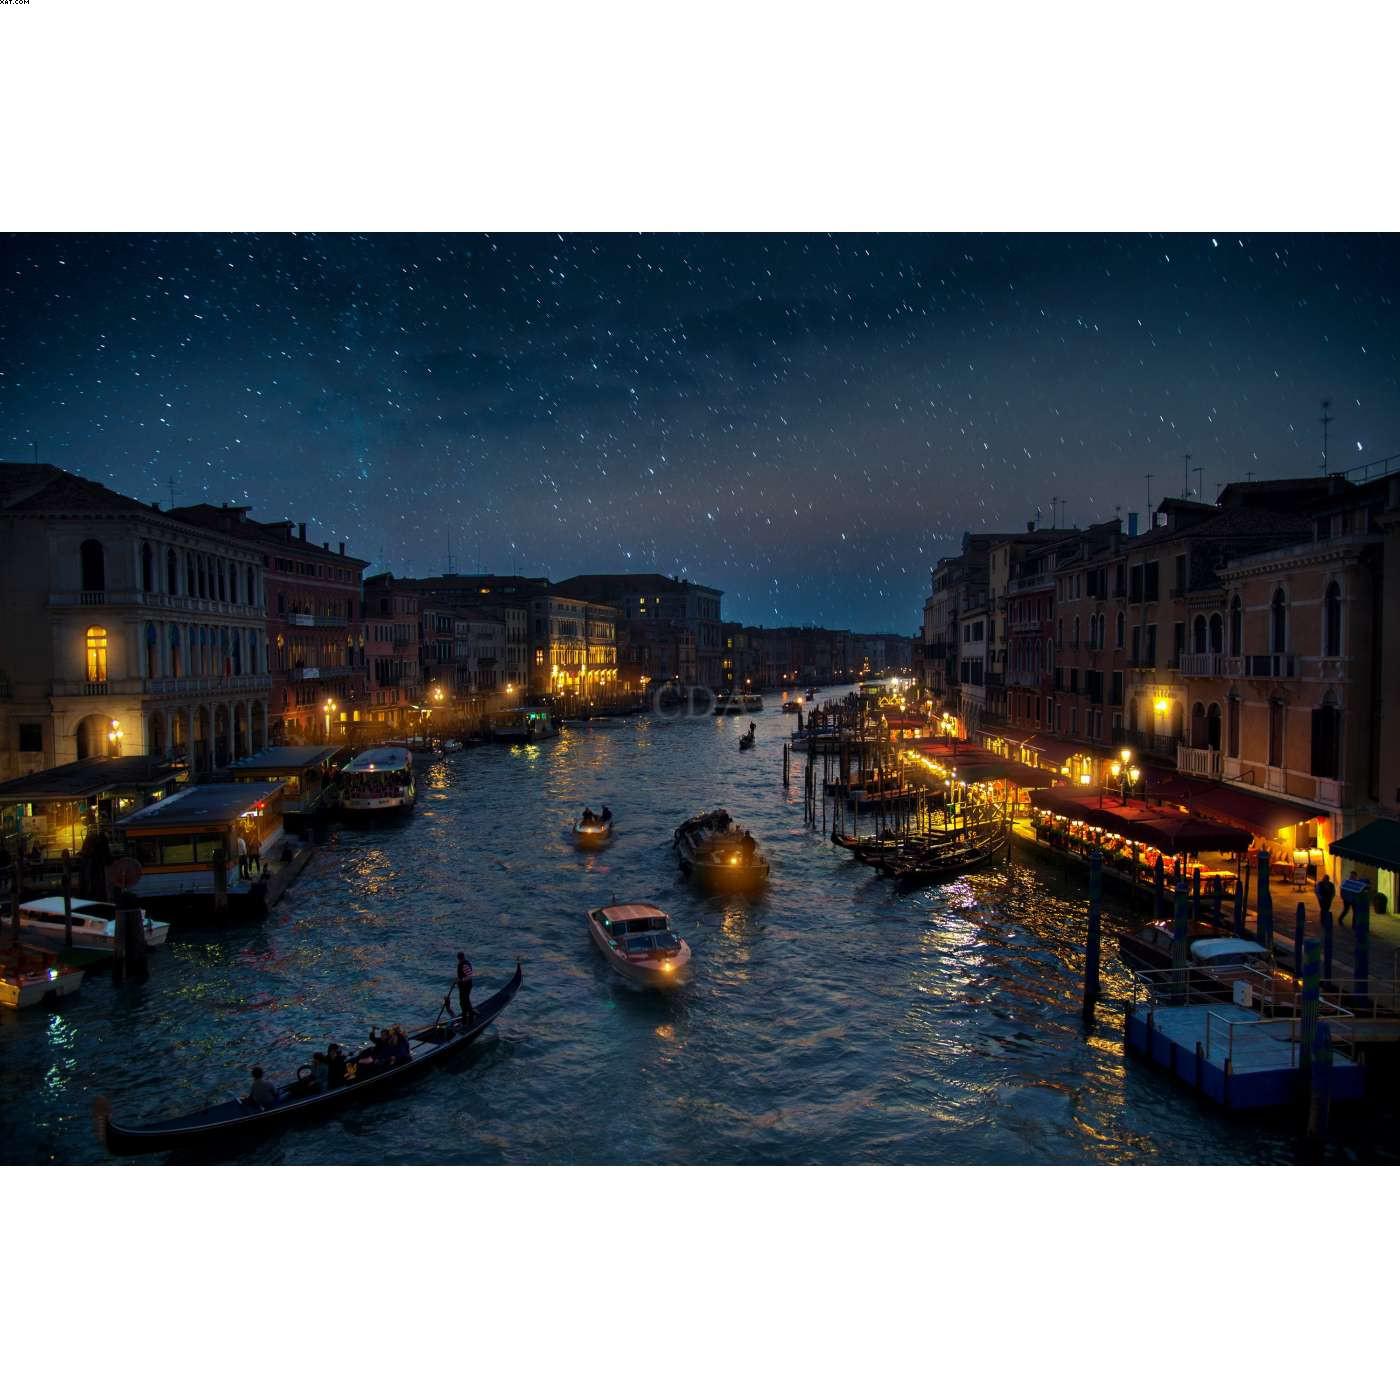 Noite em Veneza Plate 01 - Betina Samaia